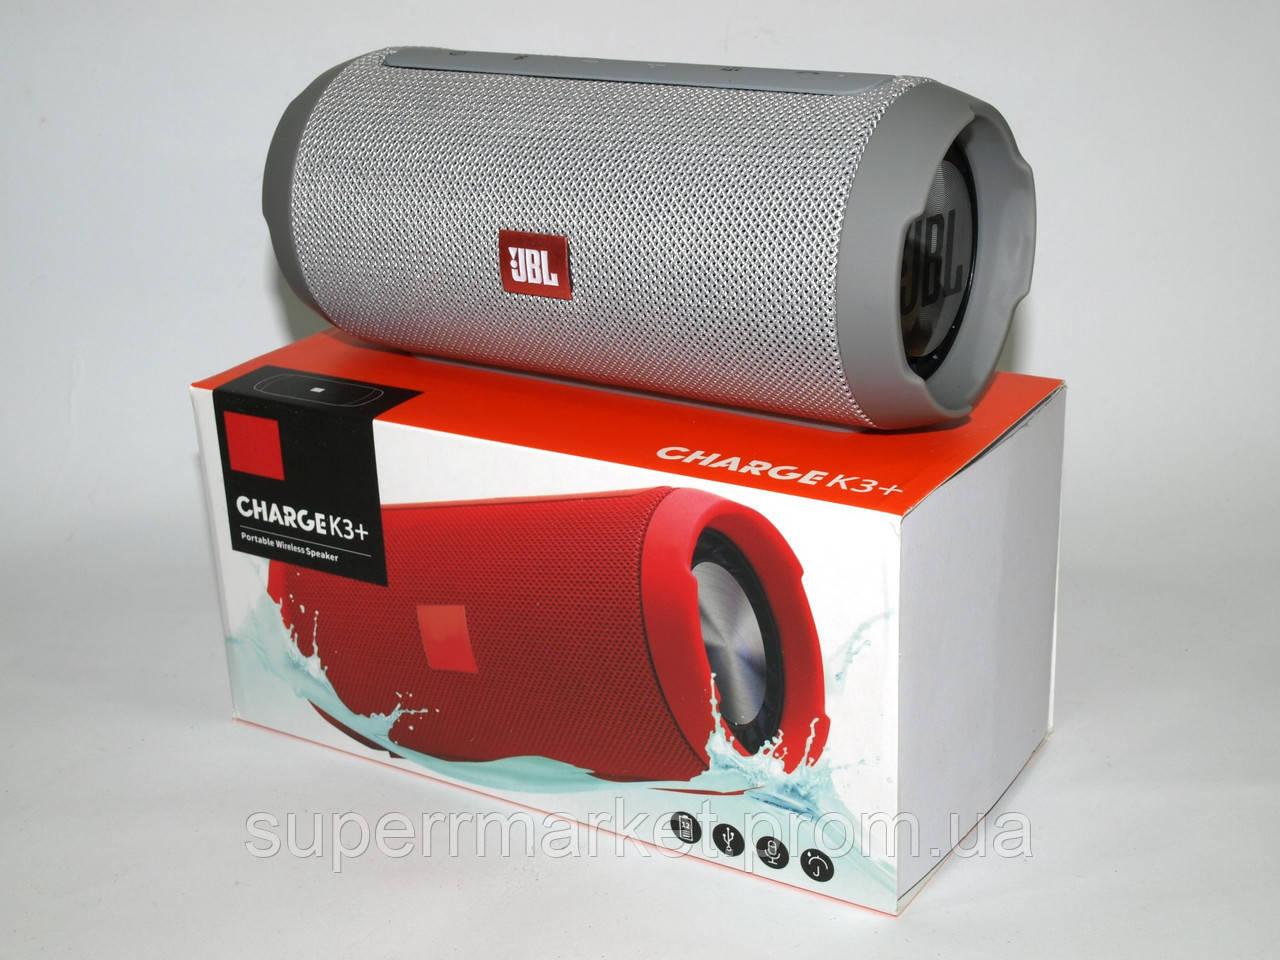 JBL Charge K3+ 15W копия, портативная колонка с Bluetooth FM MP3, серая